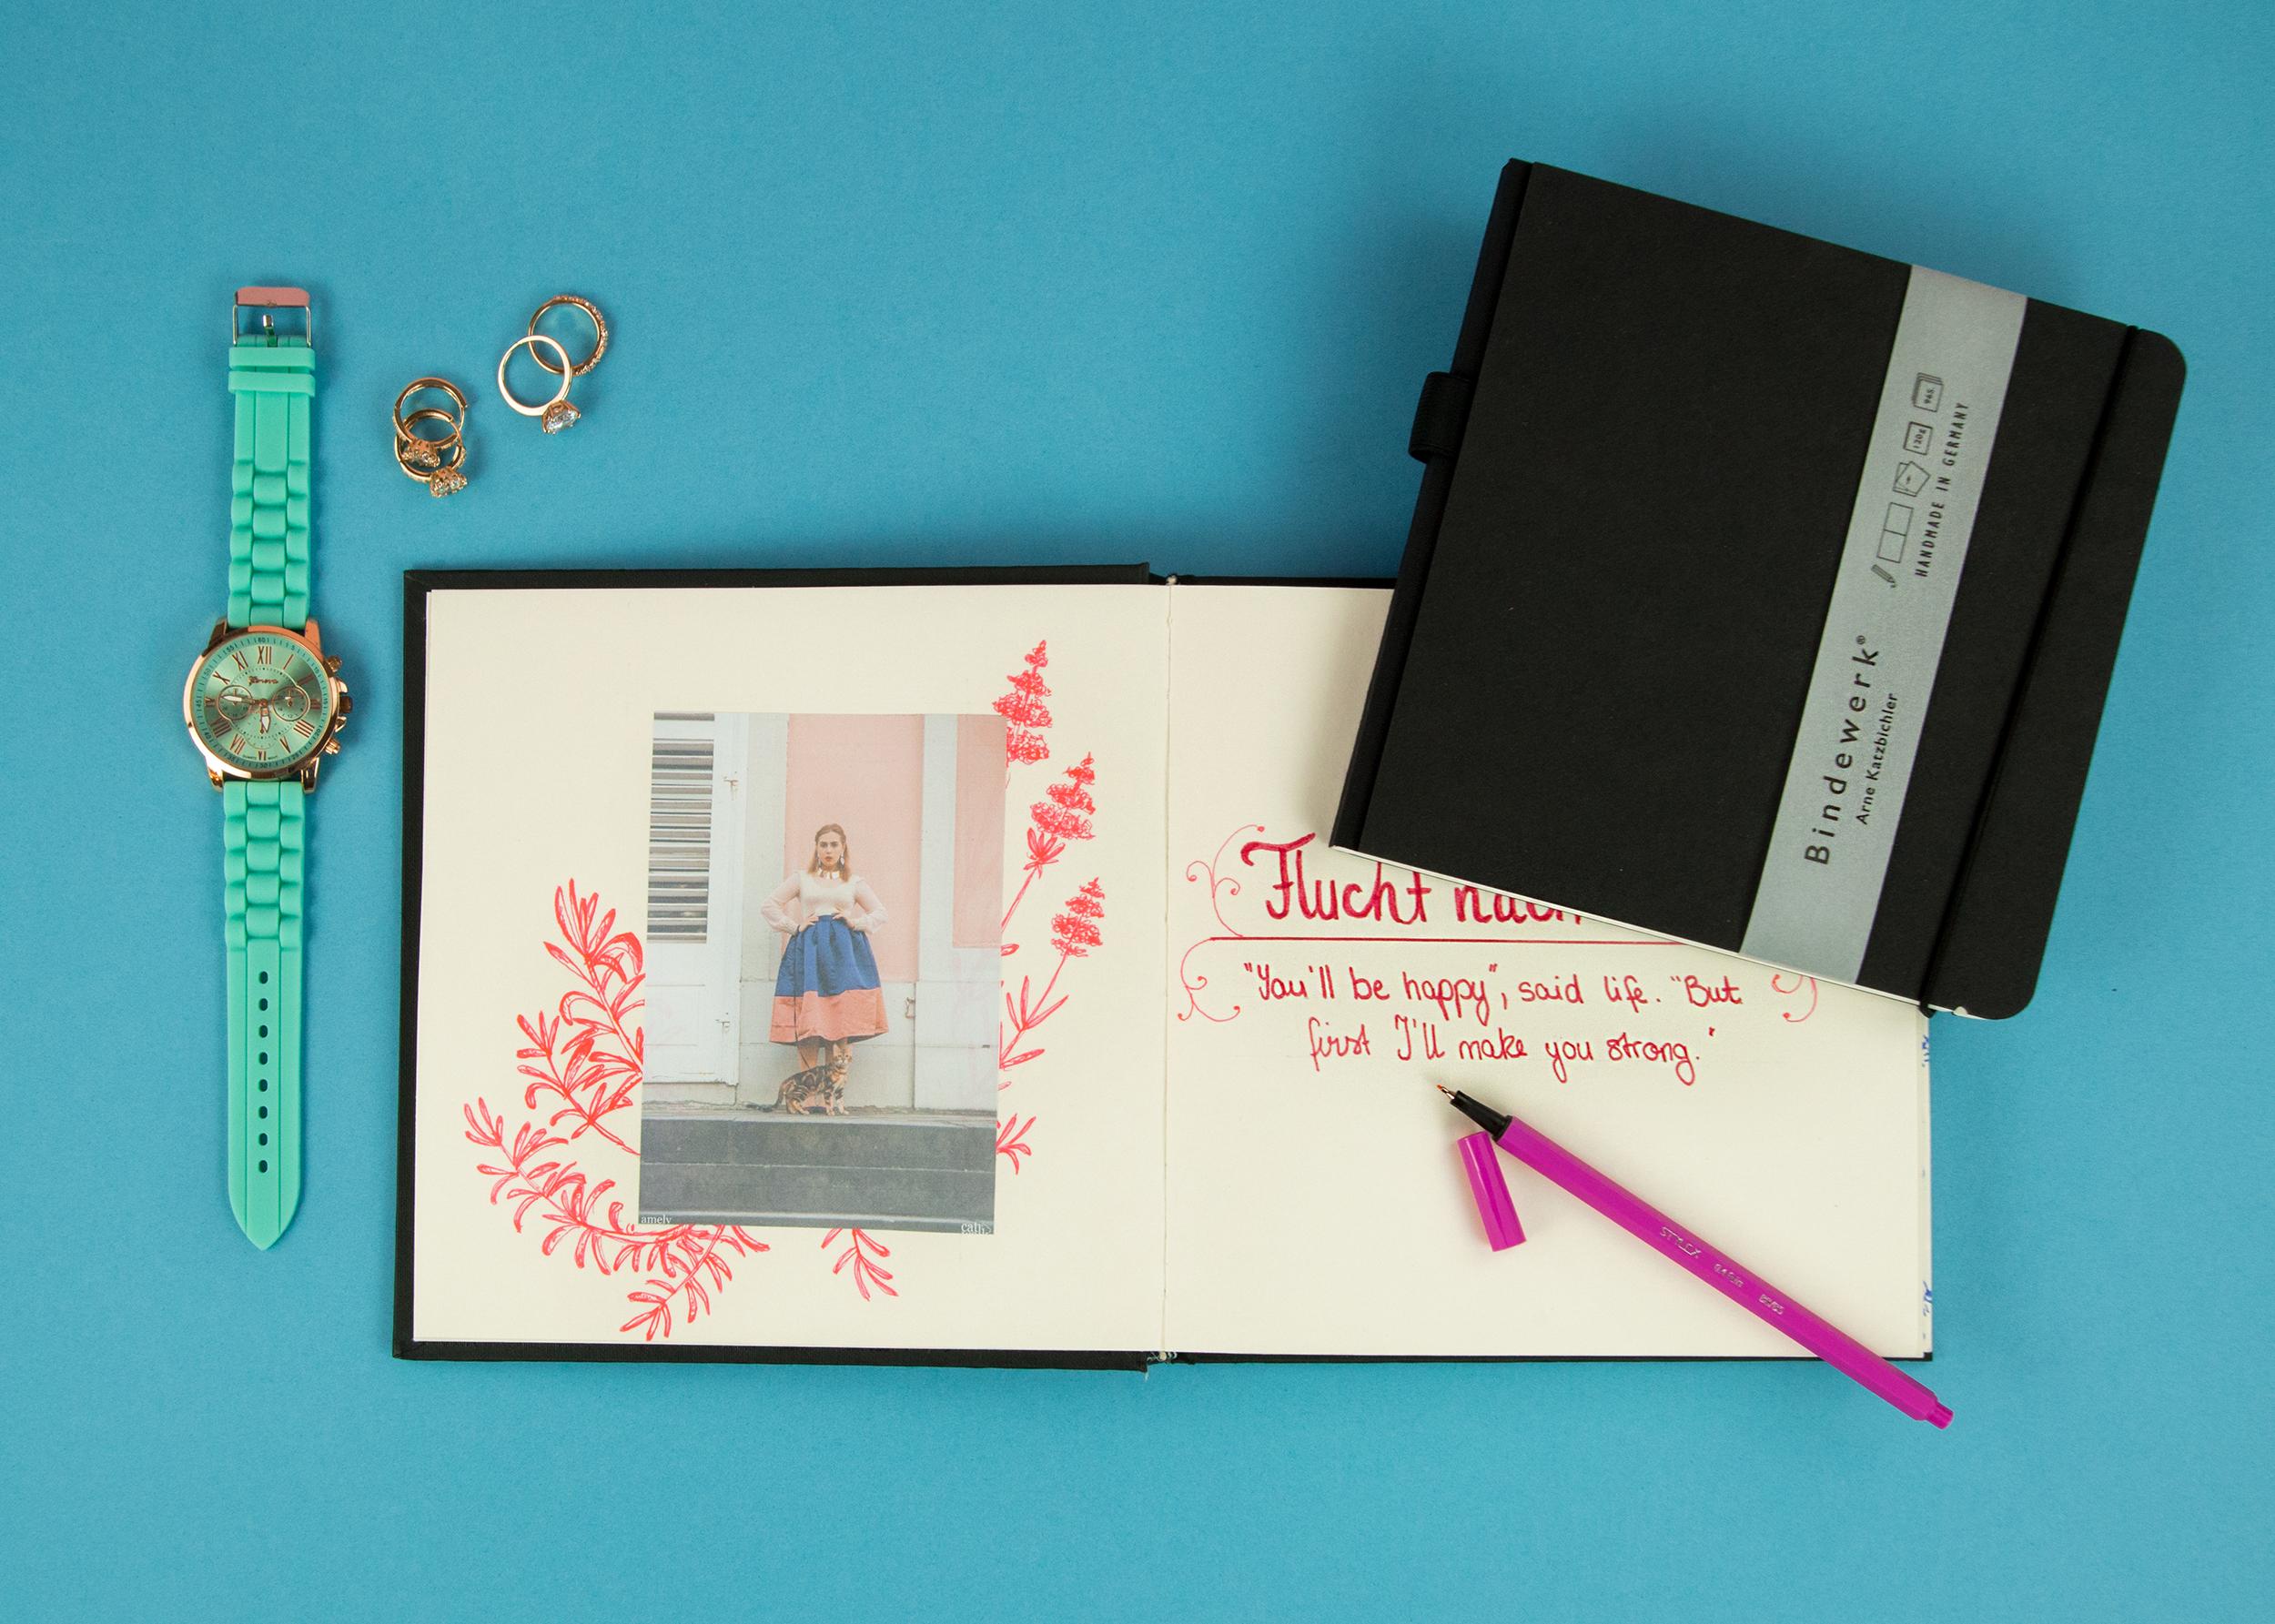 Amely Rose zeigt eine Anleitung oder how to bullet journal und doodle in ihrem bindewerk notizbuch